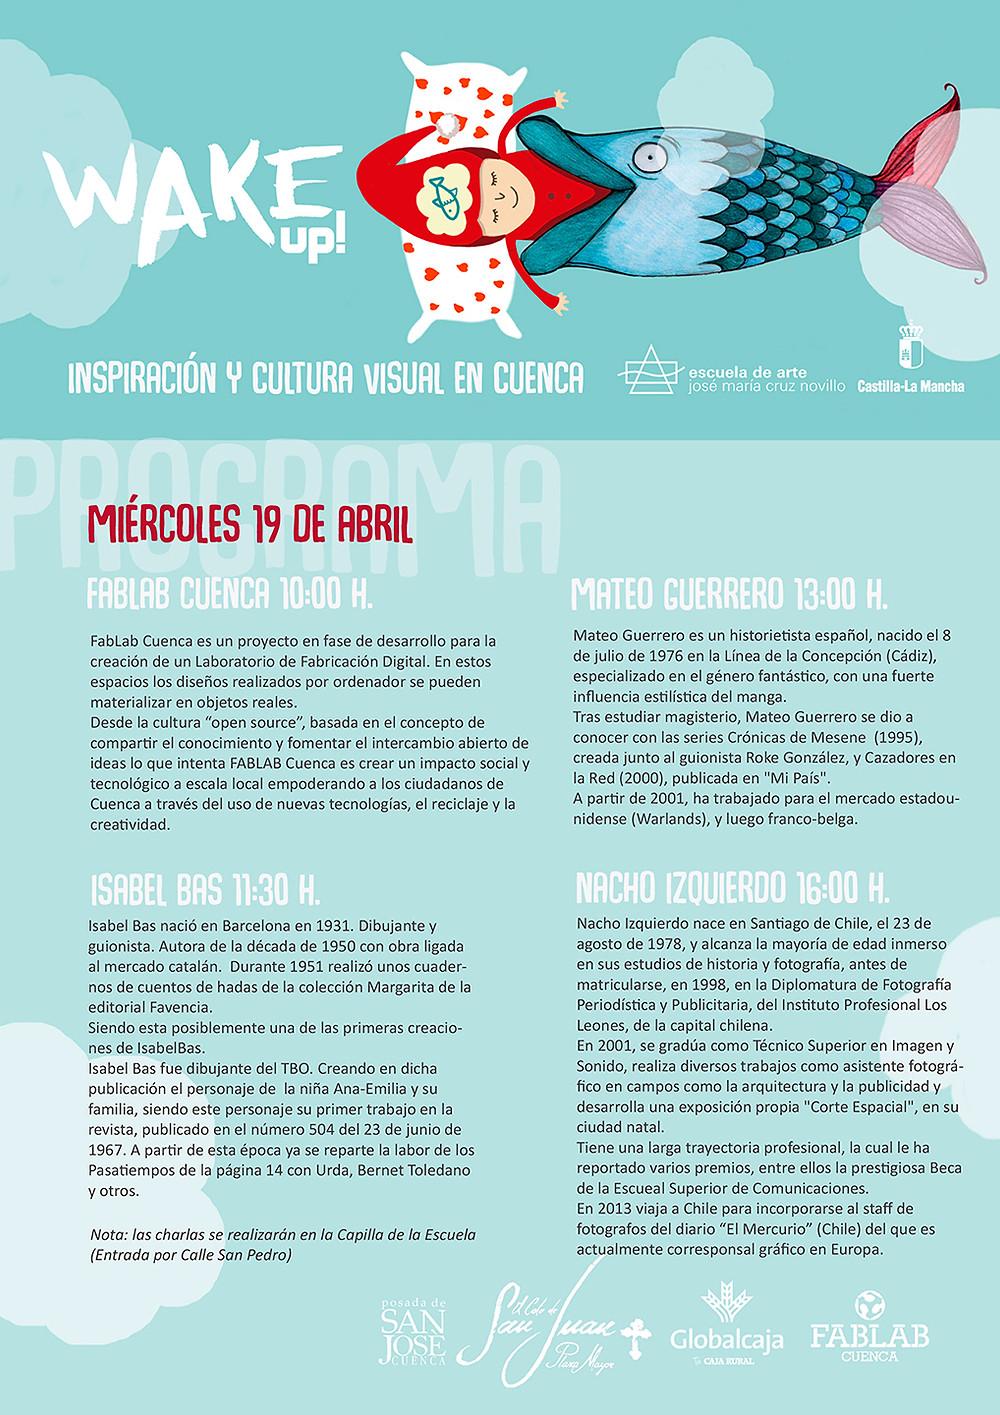 FabLab Cuenca participa en las Jornadas de Inspiración y Cultura Visual.